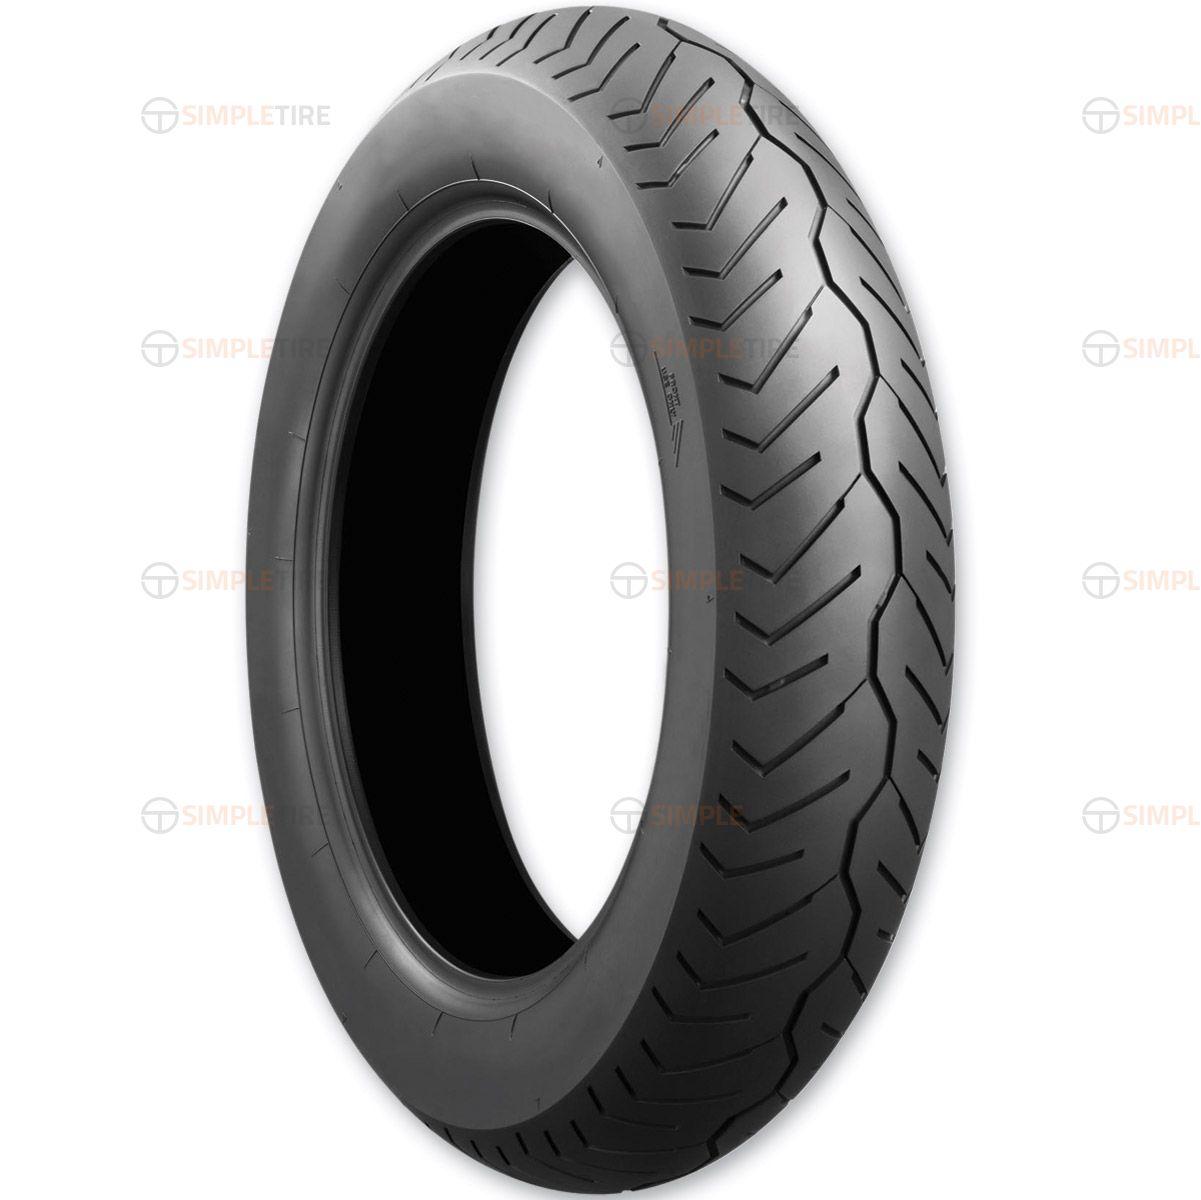 004829 130/70R17 Exedra Max (Front) Bridgestone